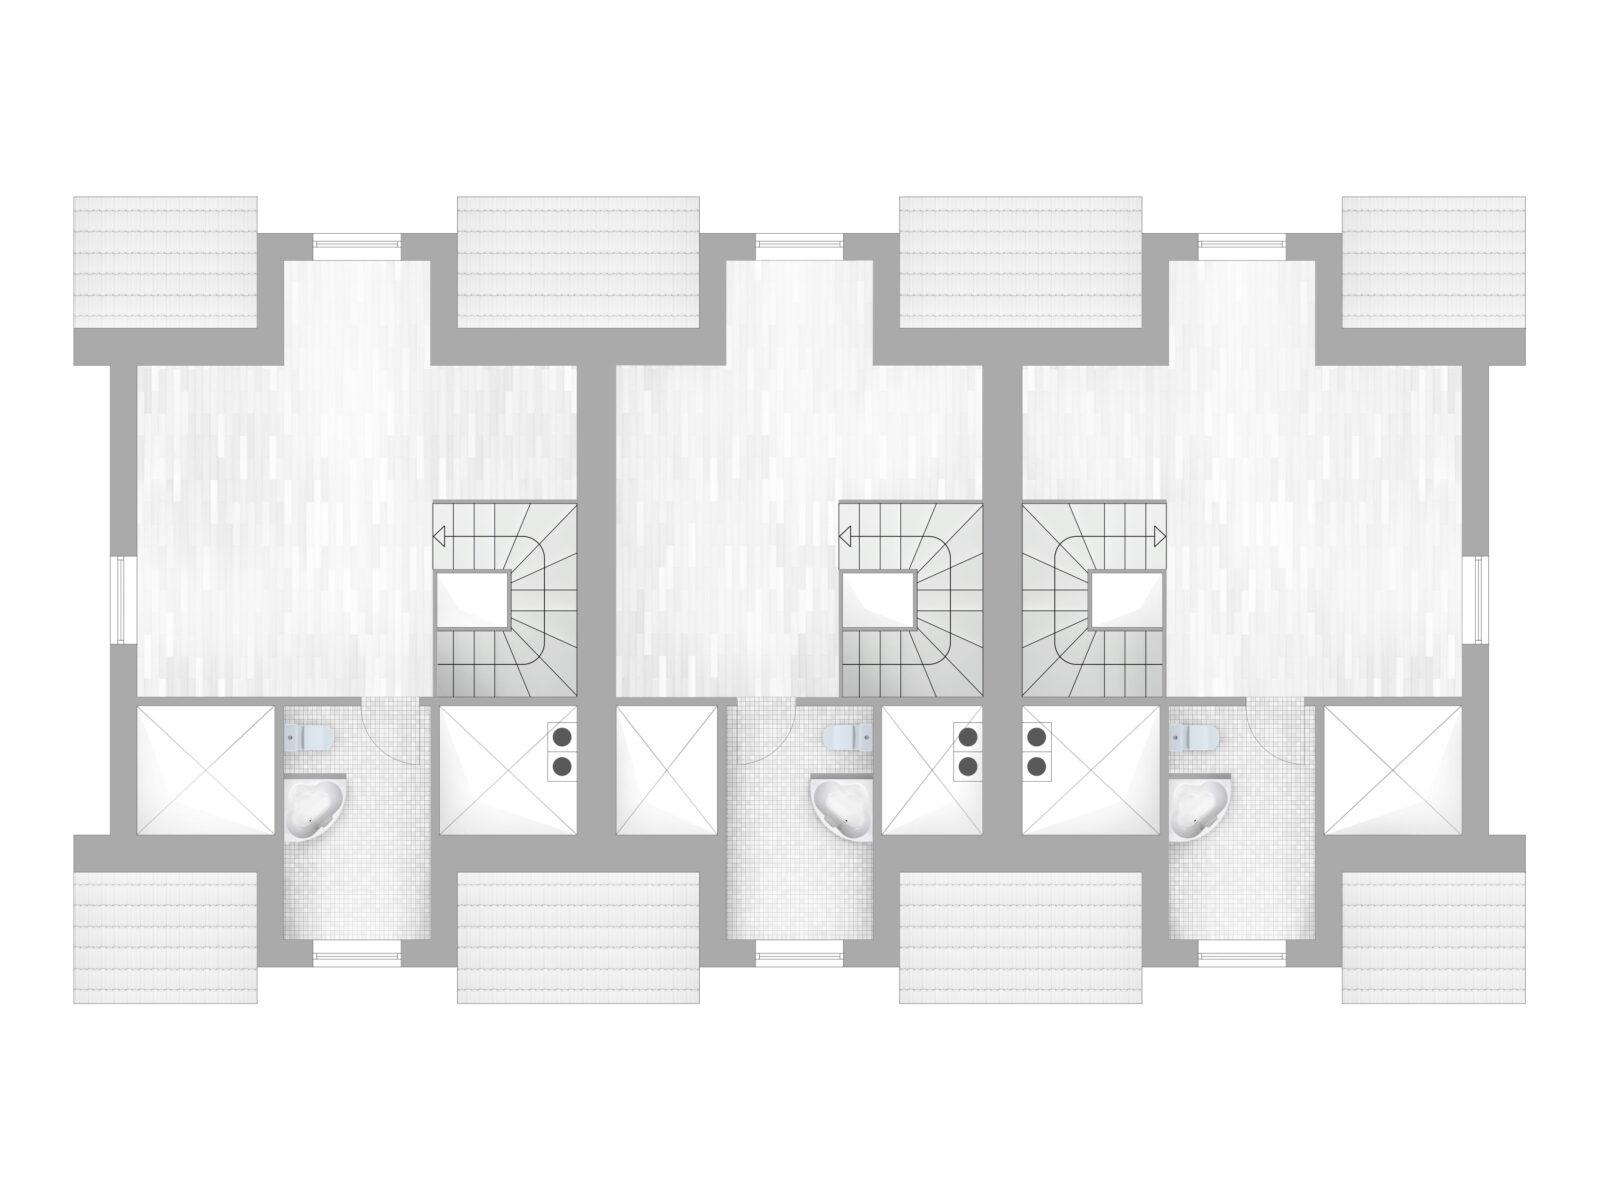 minimalistische Grundriss in graustufen